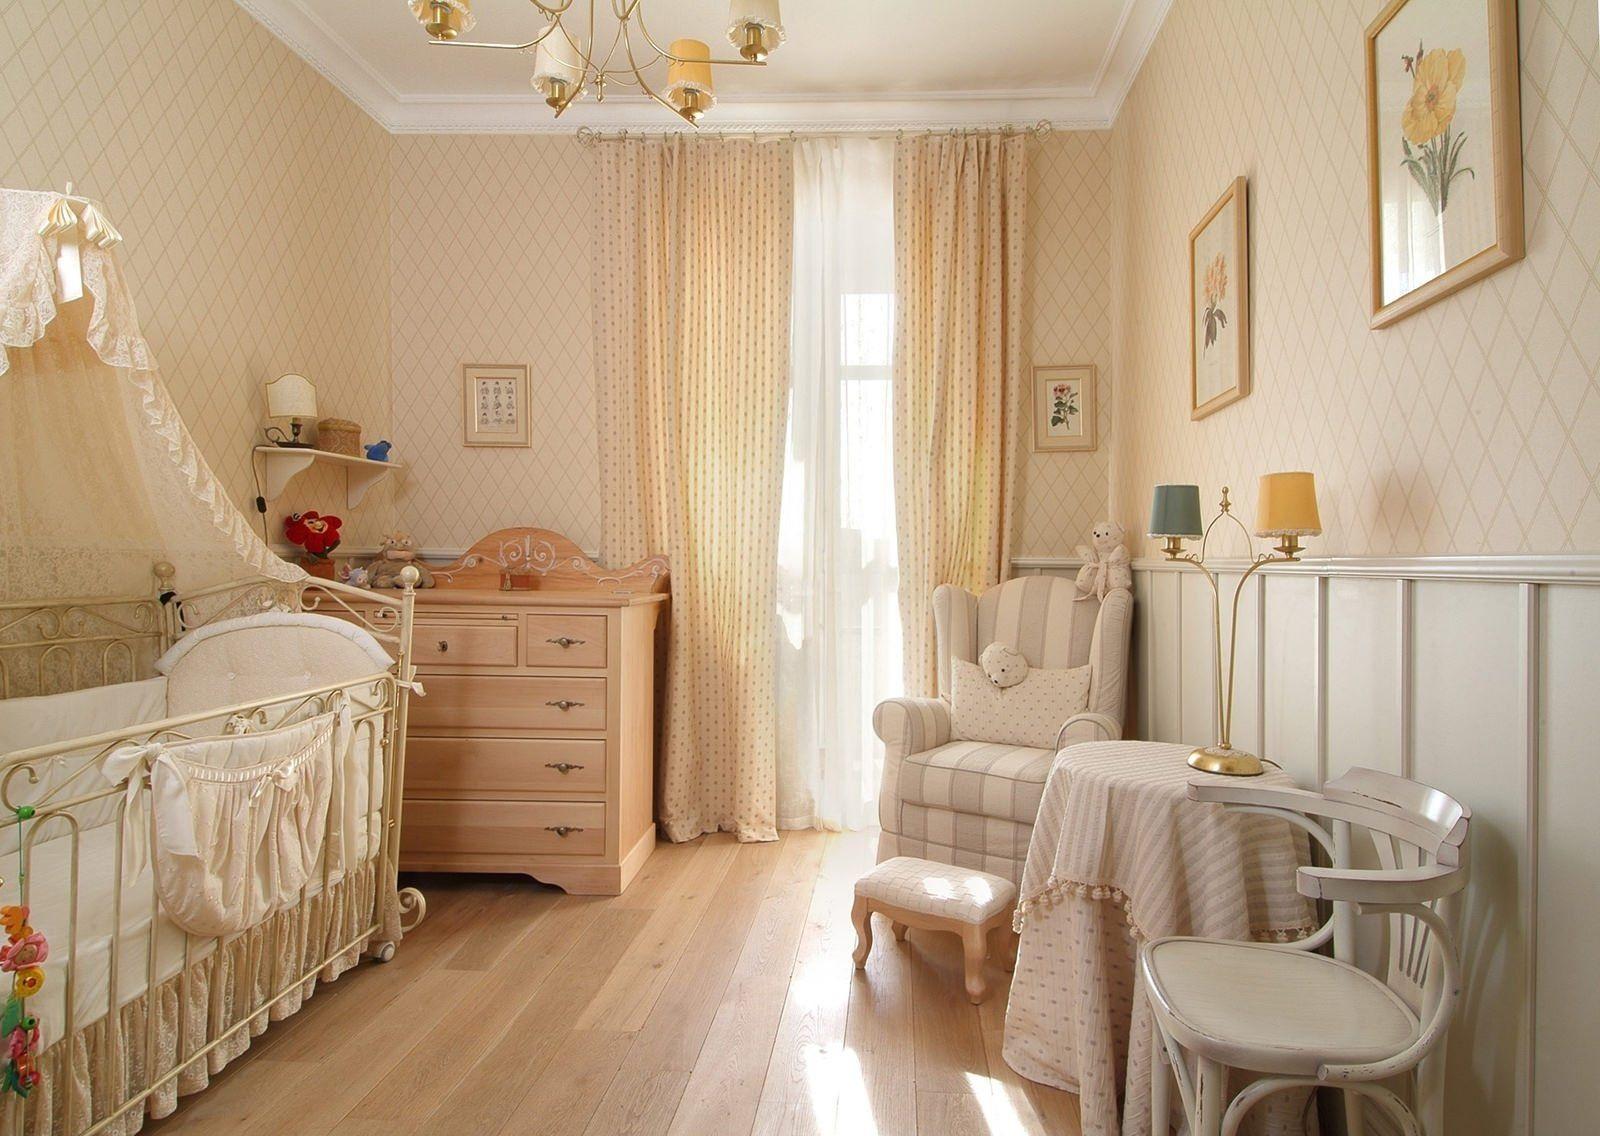 кровать без сквозняков